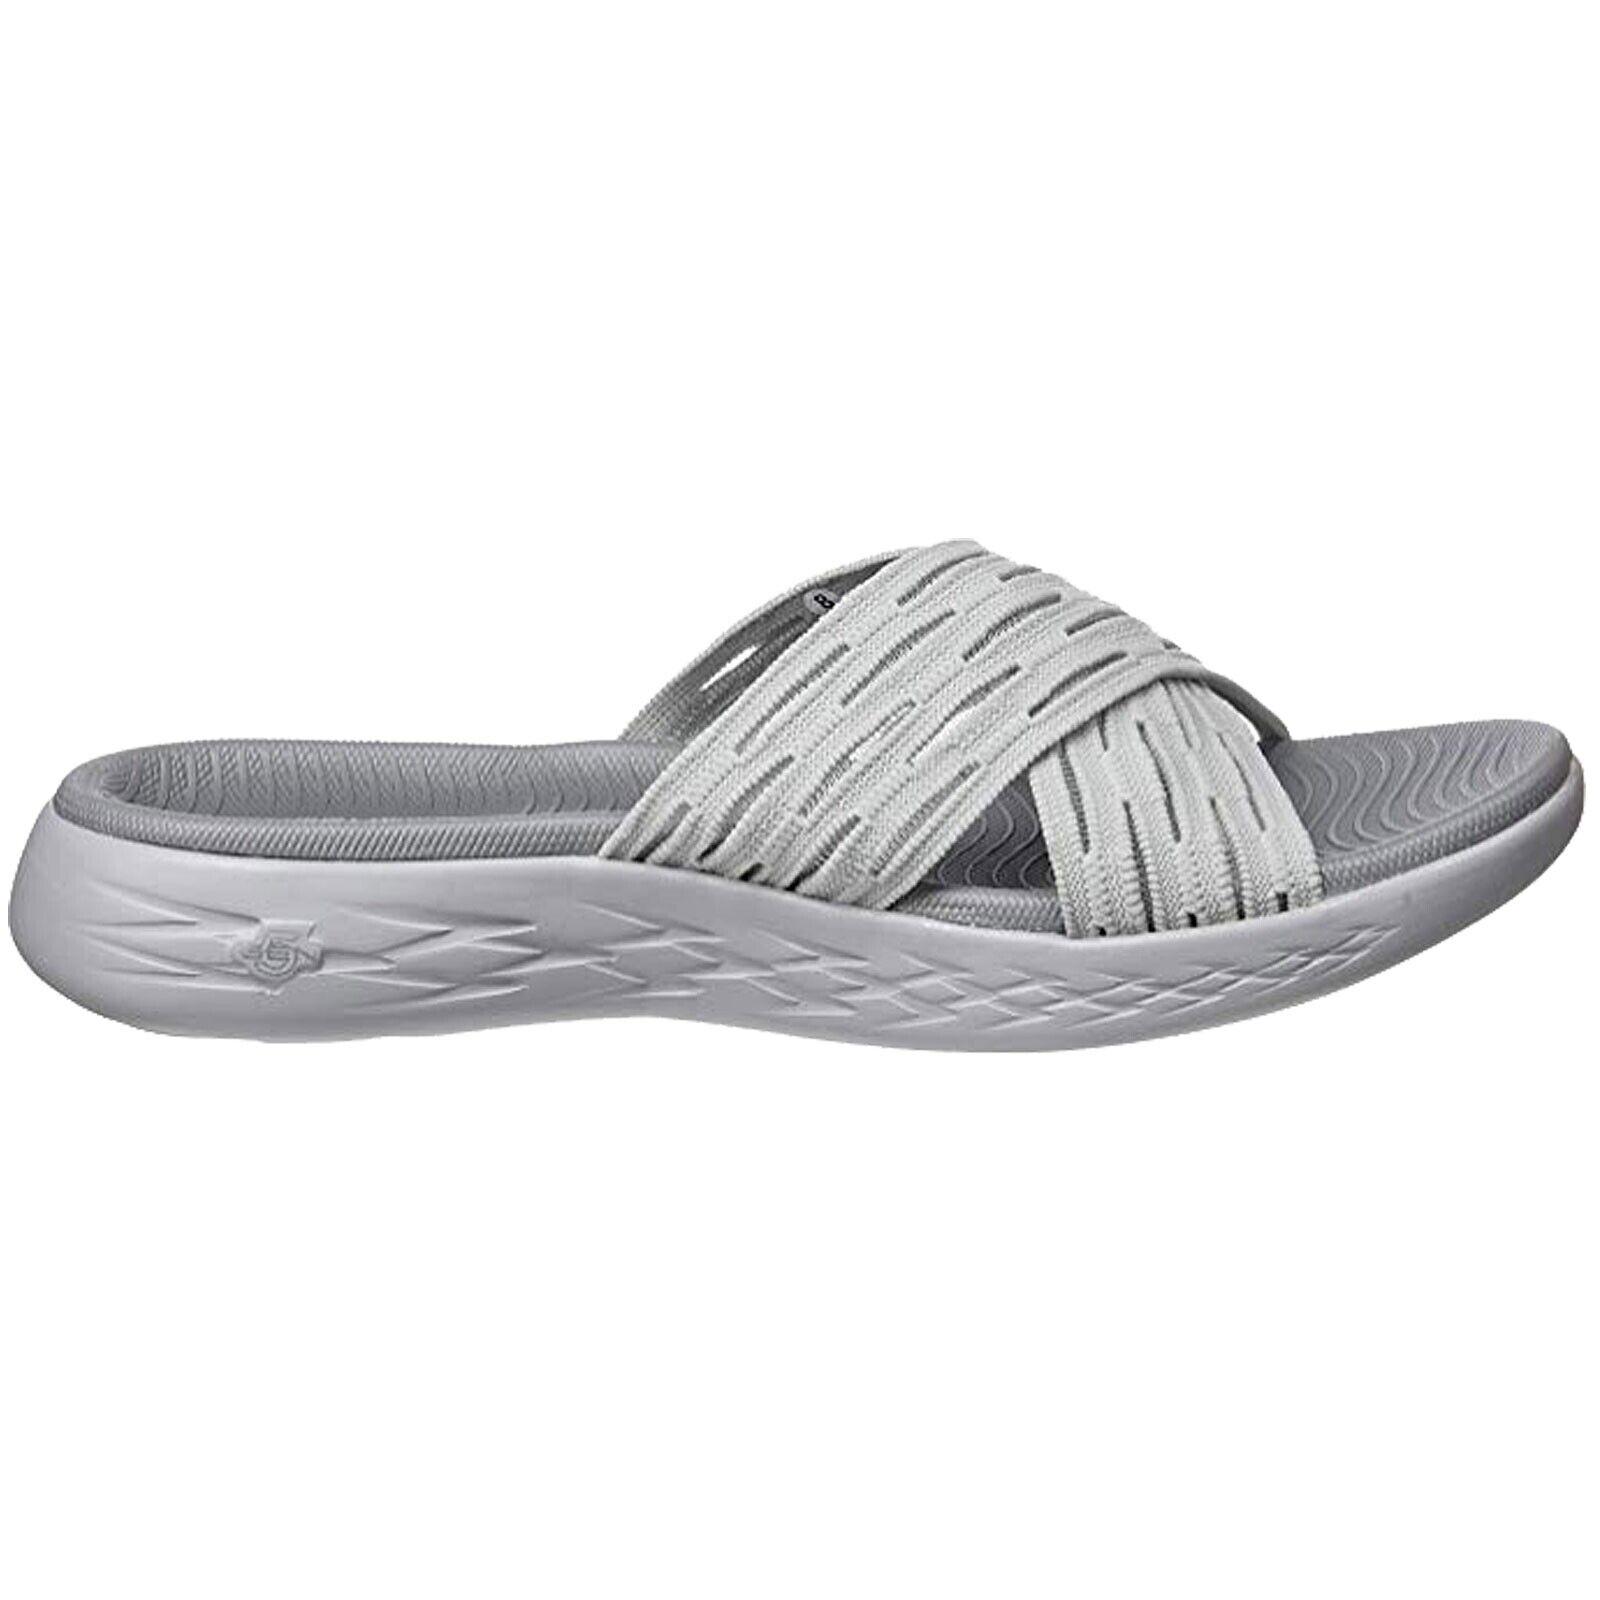 Women's Skechers Go Sunrise 16167 Sandals